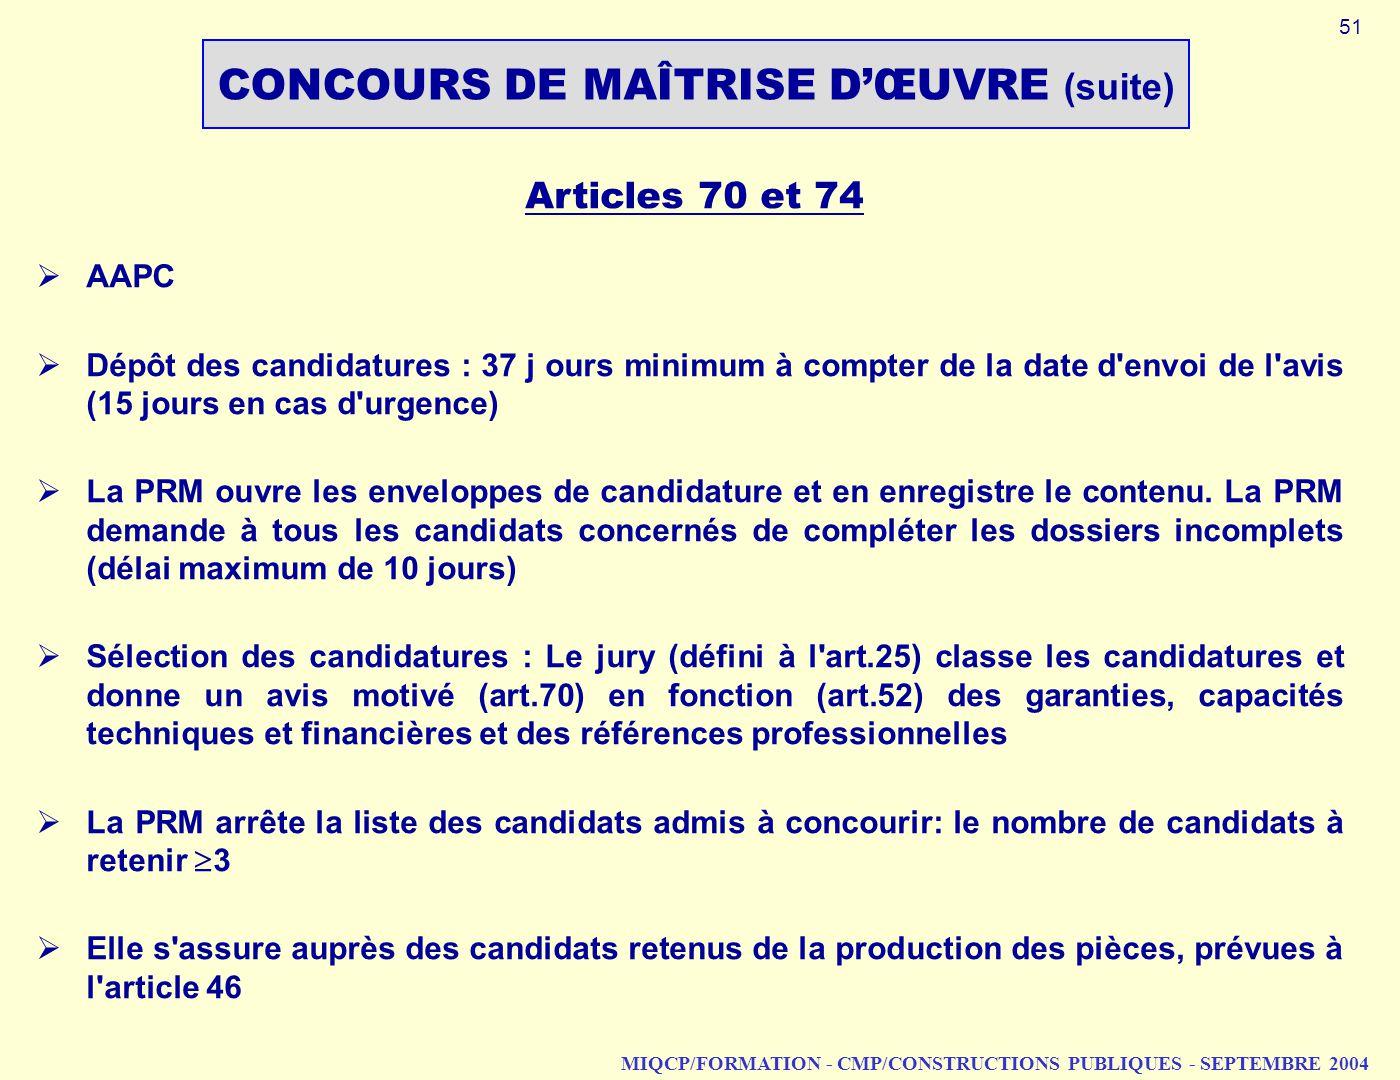 CONCOURS DE MAÎTRISE D'ŒUVRE (suite)